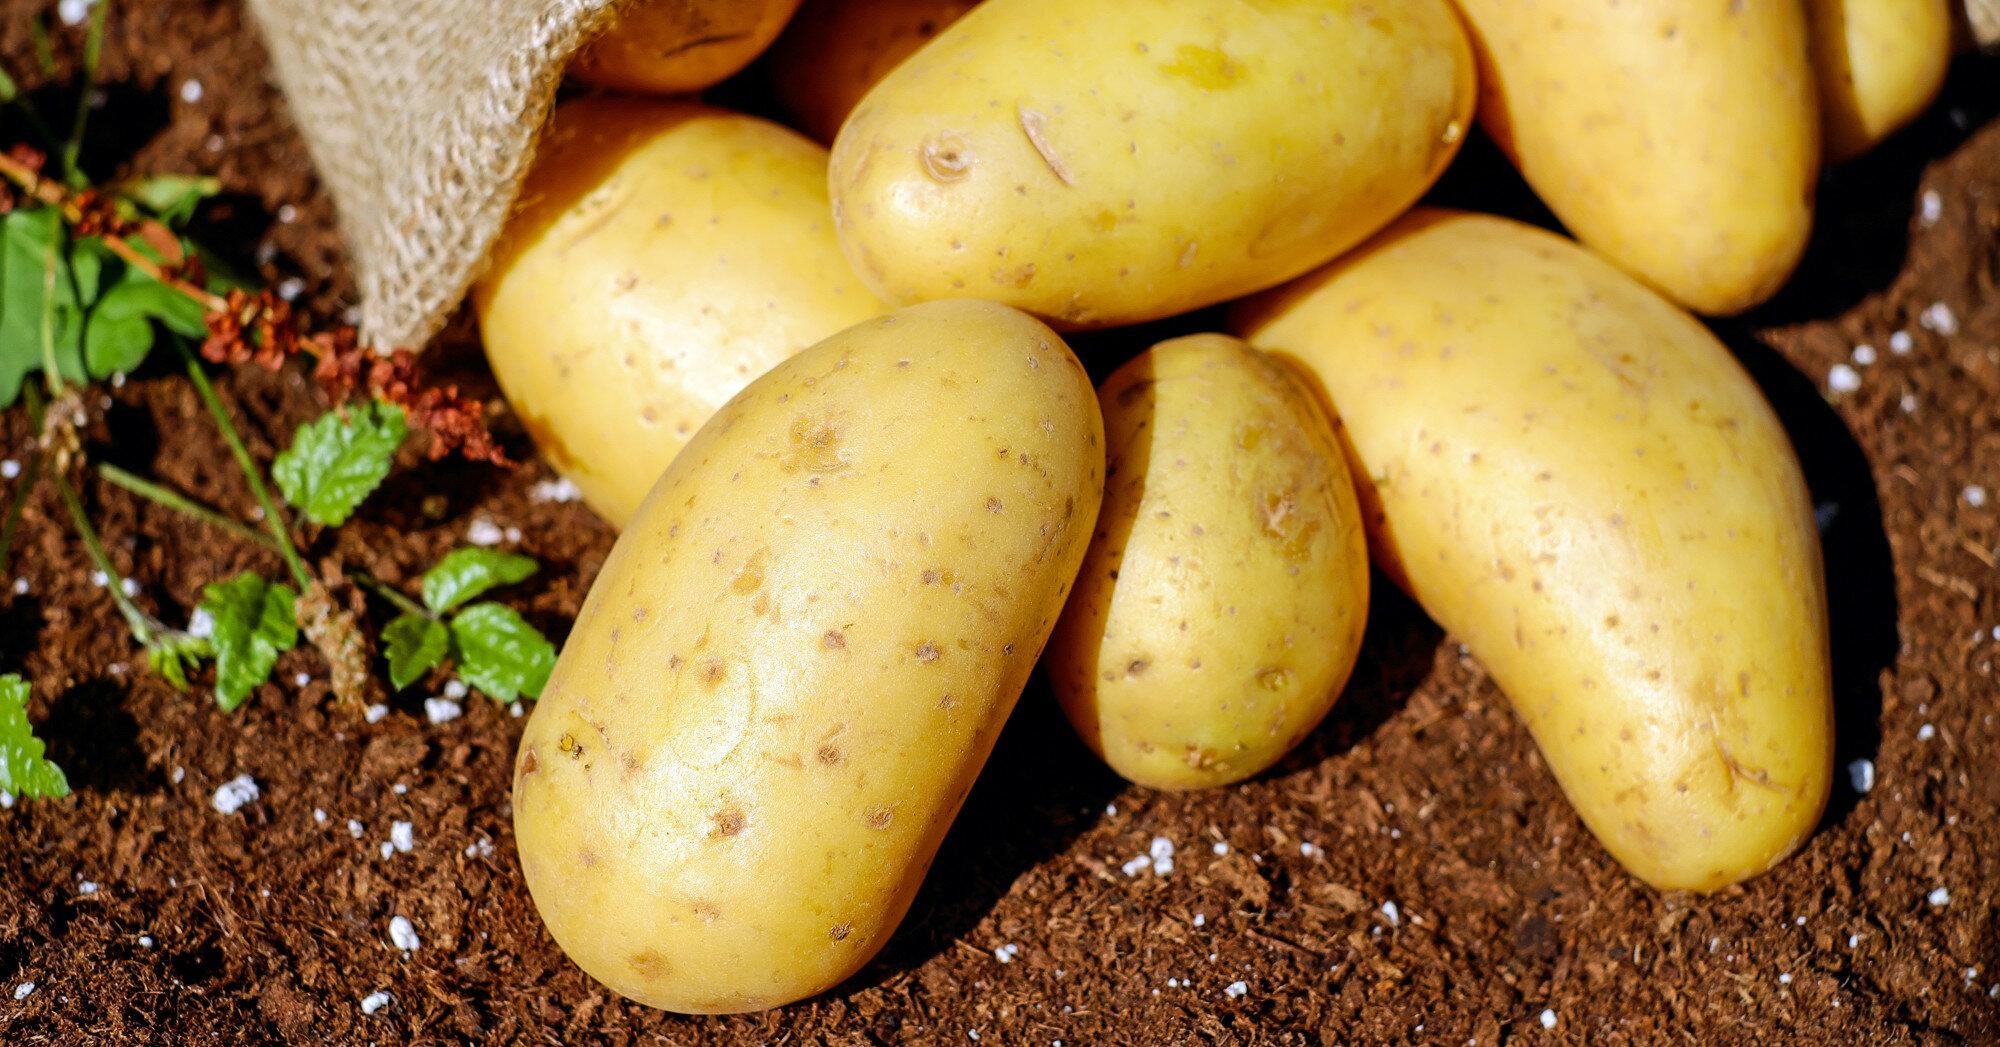 Украина на зиму может остаться без собственного картофеля